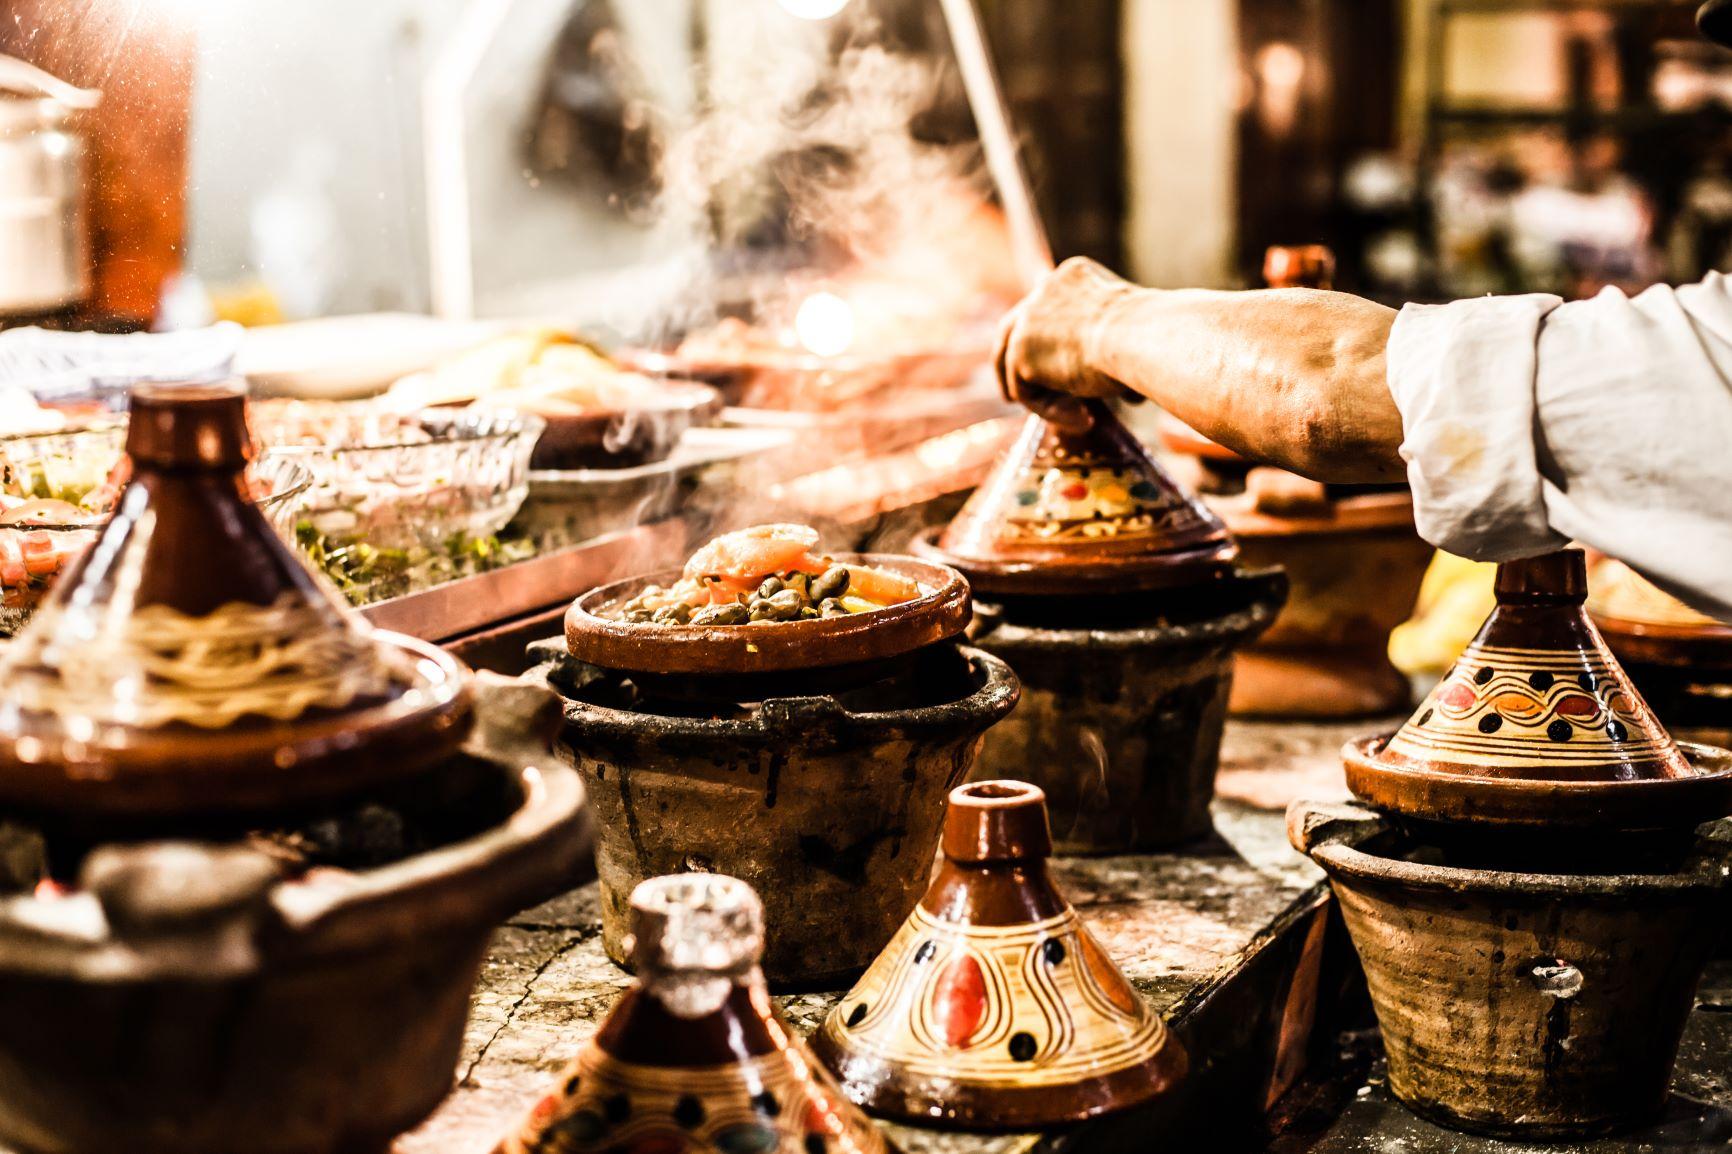 Marrakech. Lujo gastronómico. Nuba everywhere. Comida en la calle